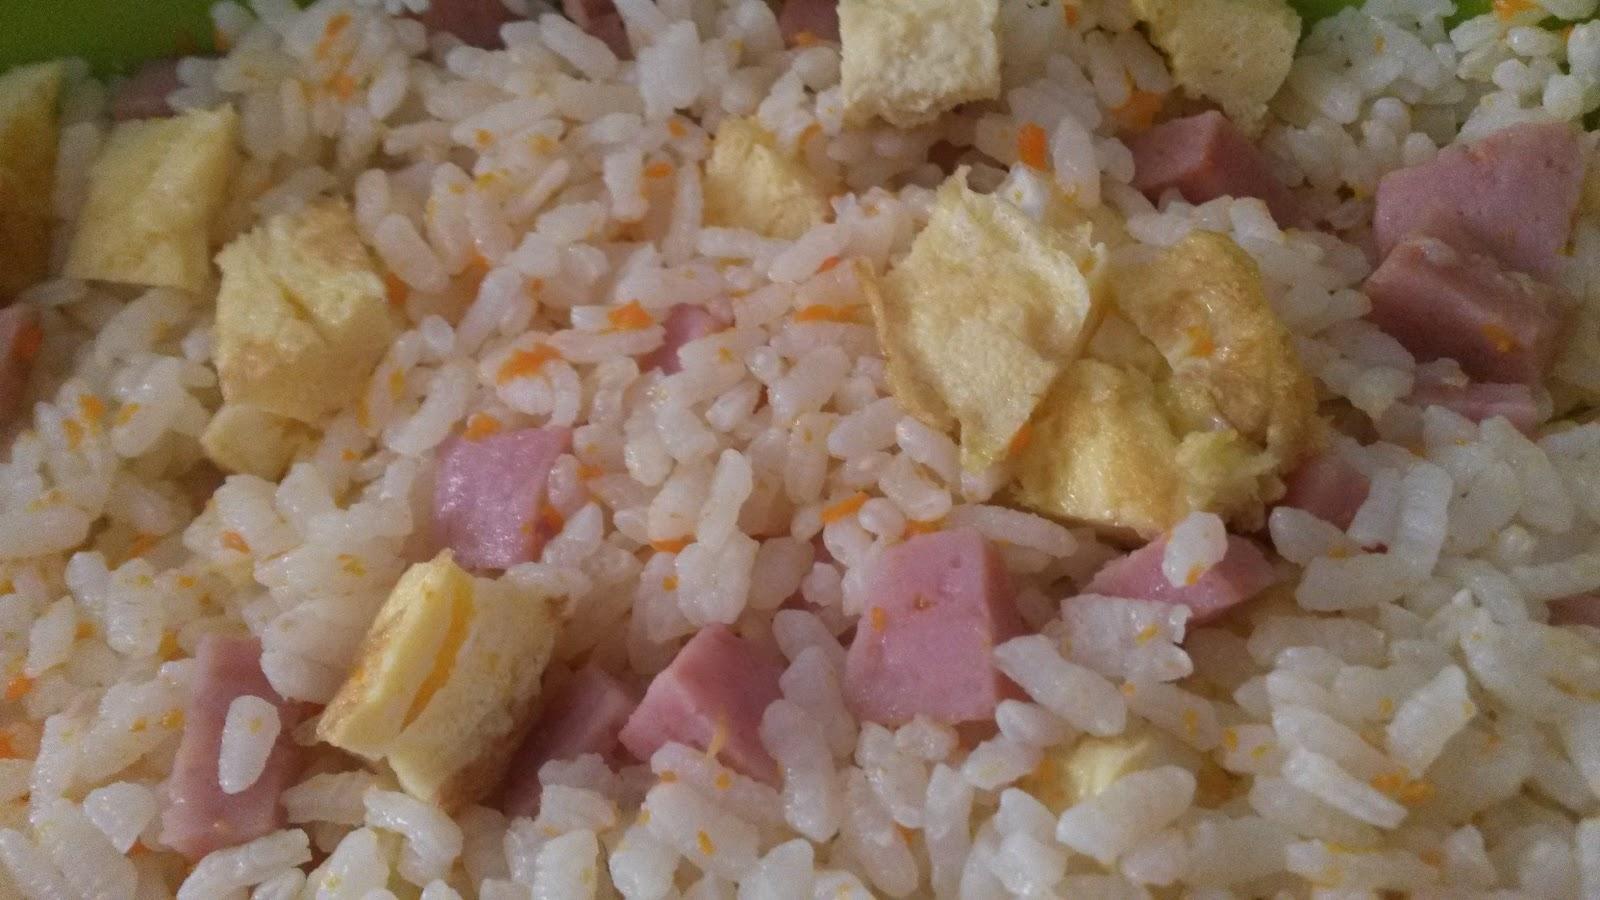 Recetas de elena arroz 3 delicias en la mycook for Cocinar arroz 3 delicias